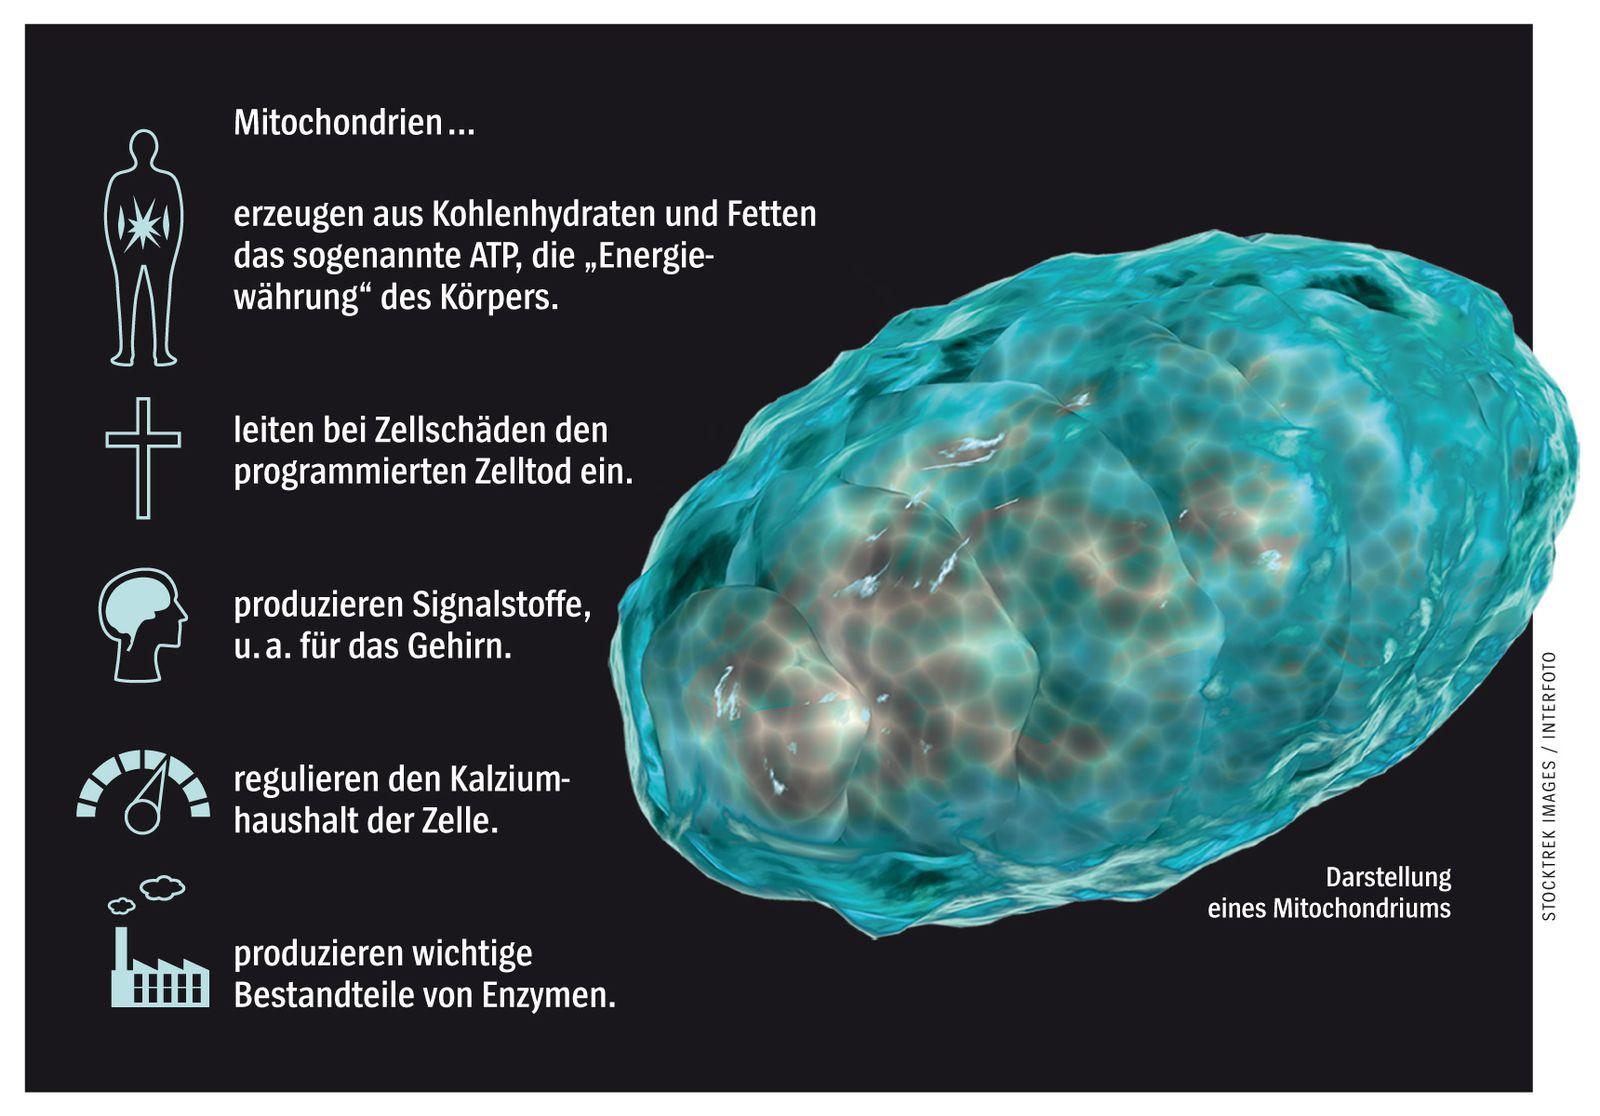 EINMALIGE VERWENDUNG NUR FÜR SPIEGEL Plus SP 37/2017, S.122 Mitochondrien STARTBILD